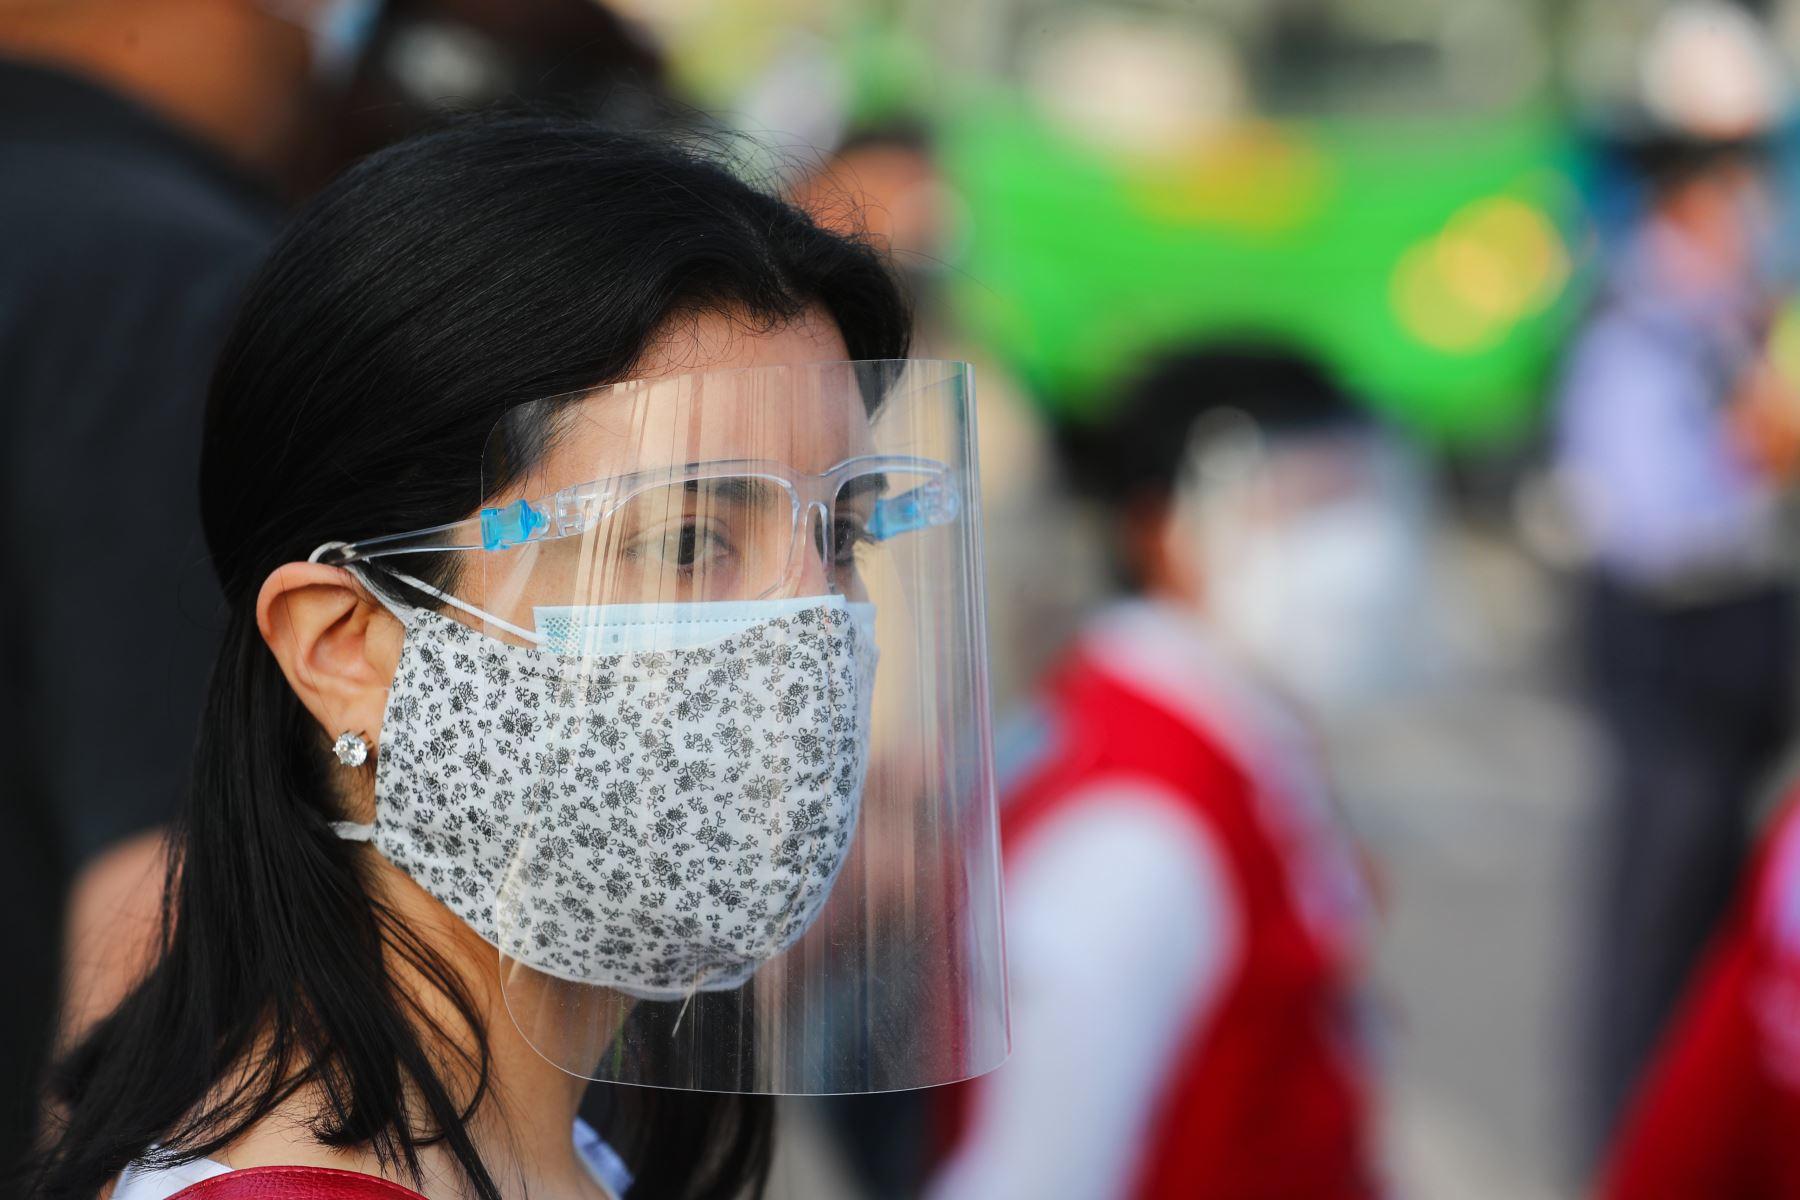 ATU recomienda el uso de mascarilla y protector facial  al interior de las unidades publicas, así como mantener las ventanas abiertas durante todo el viaje, como medidas de bioseguridad, para evitar el riesgo de contagiarse por coronavirus. Foto: ANDINA/ ATU